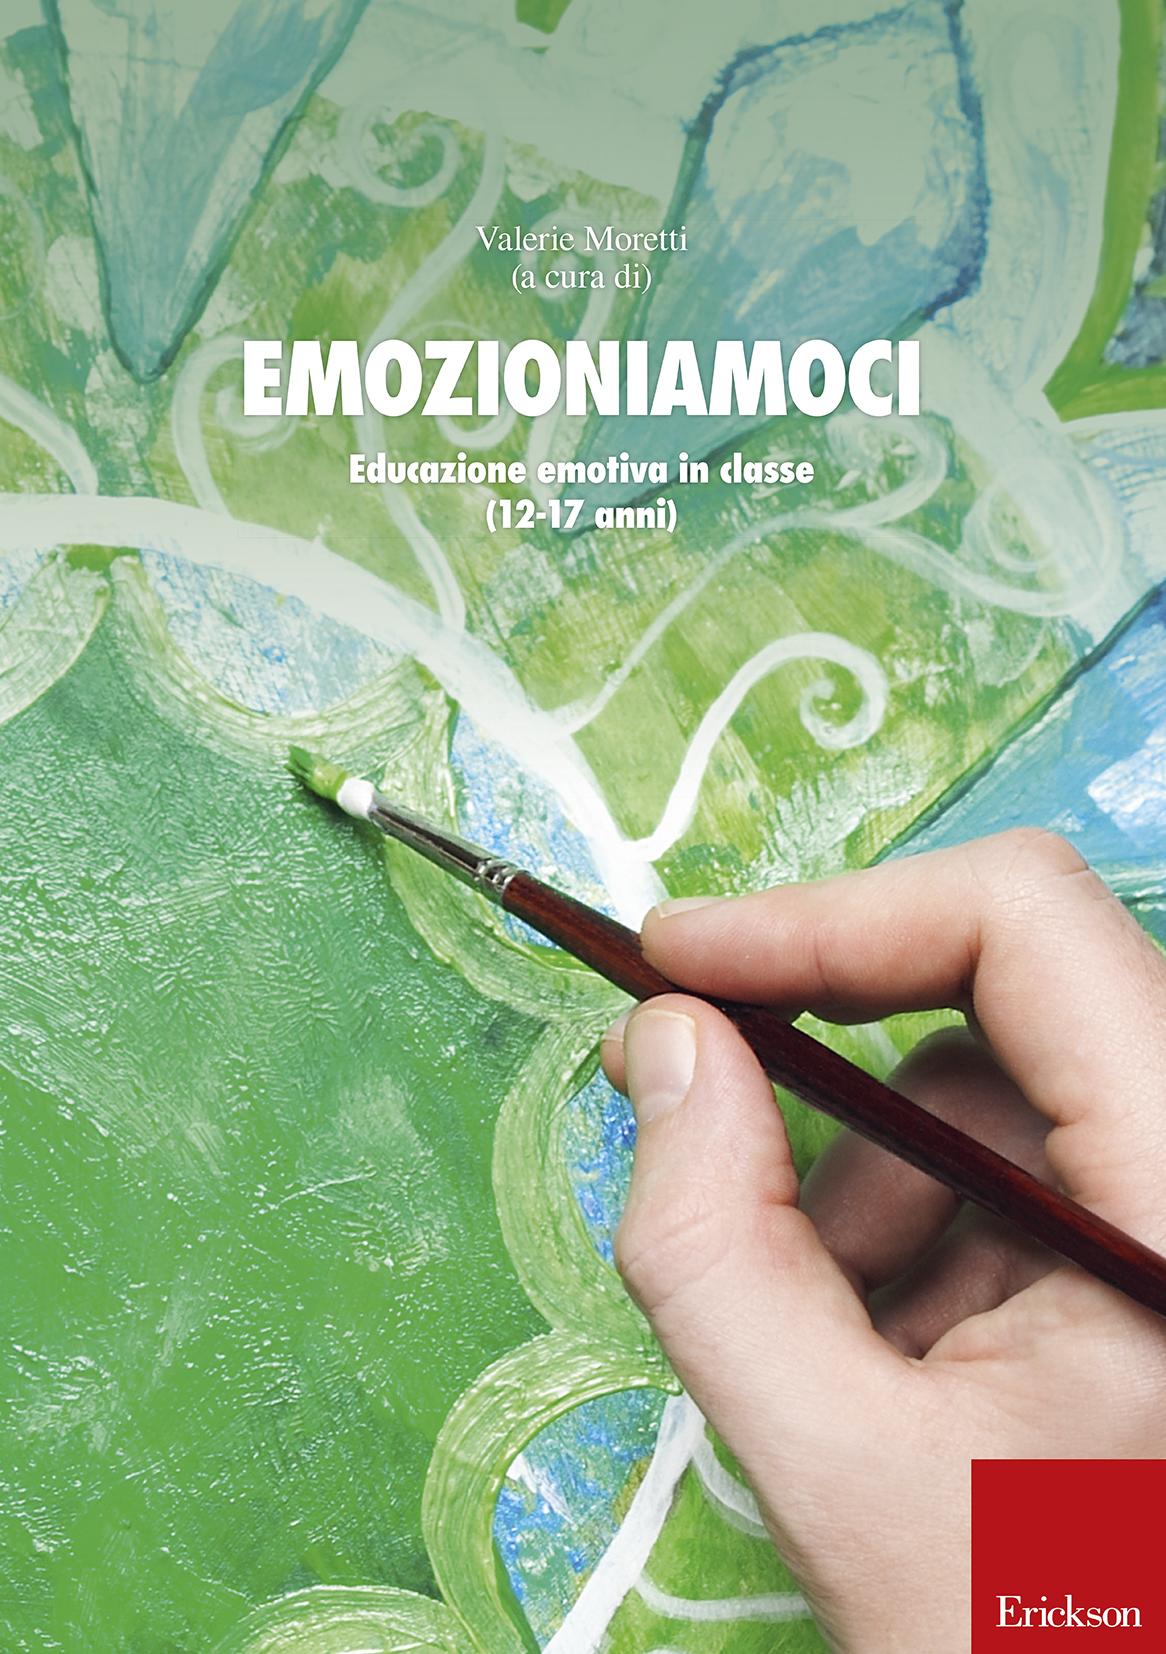 COP_Emozioniamoci-12-17anni_590-1506-2.indd